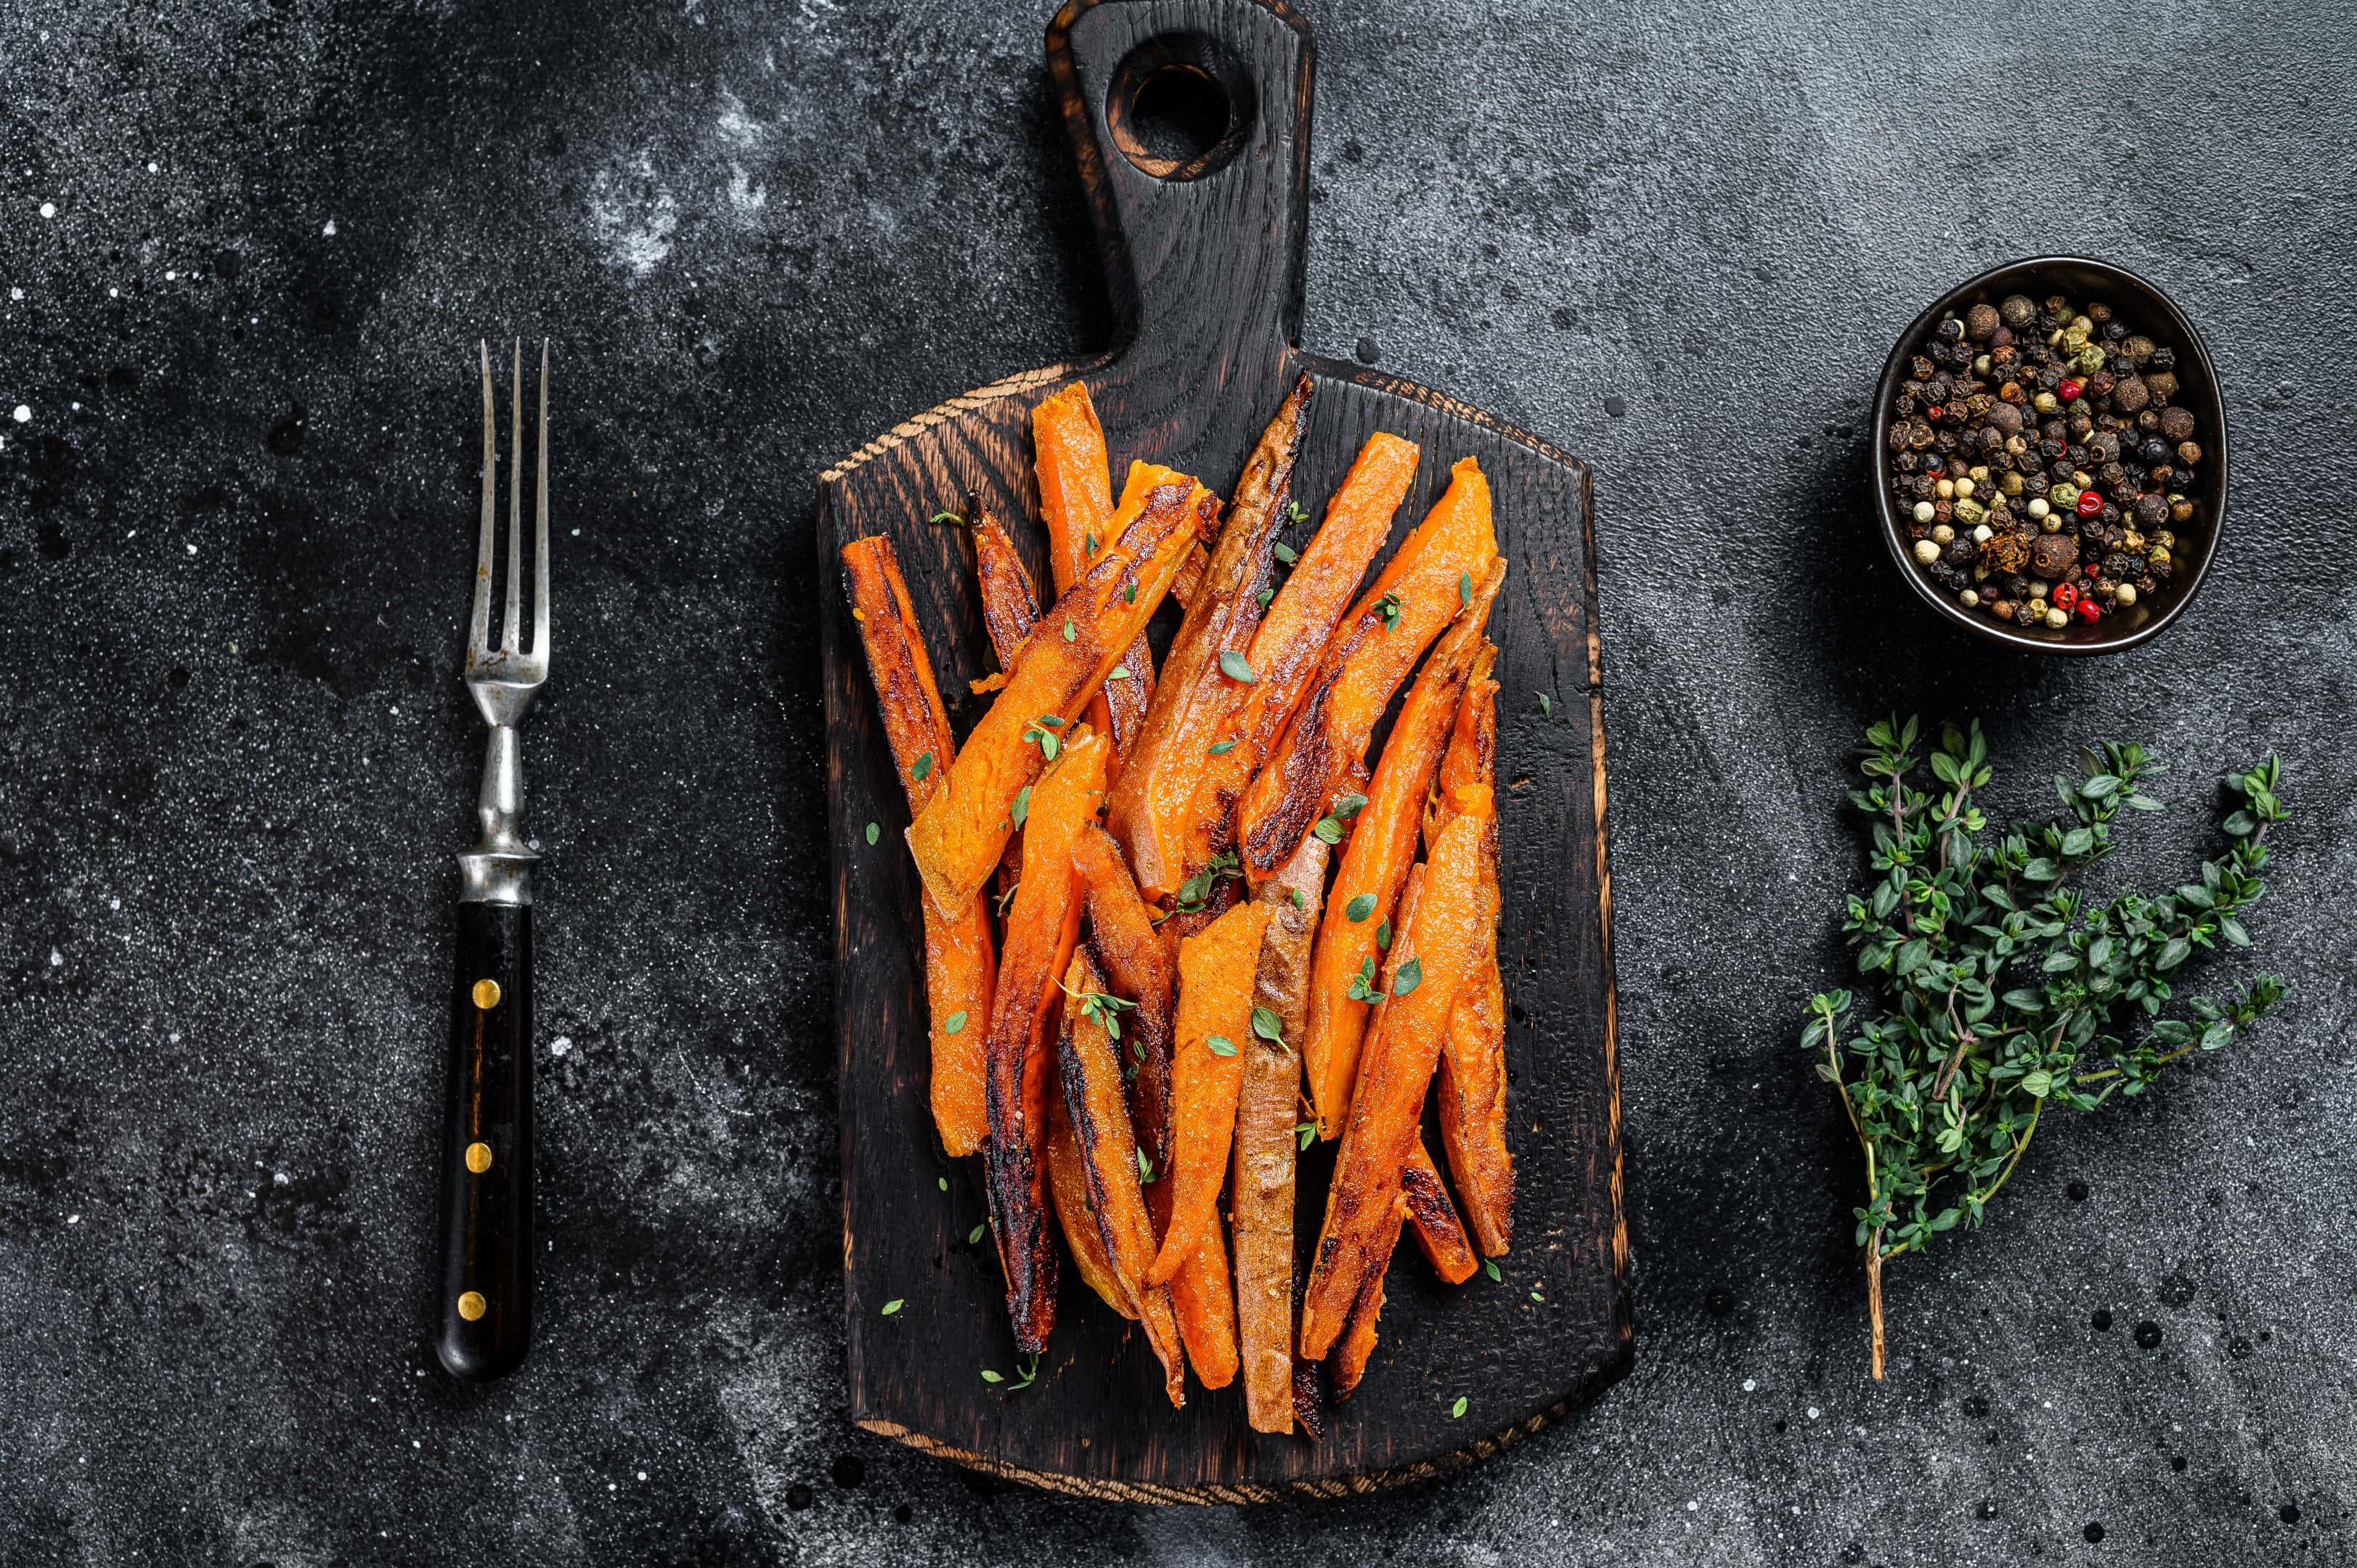 Roasted sweet potatoes stripes on wooden board